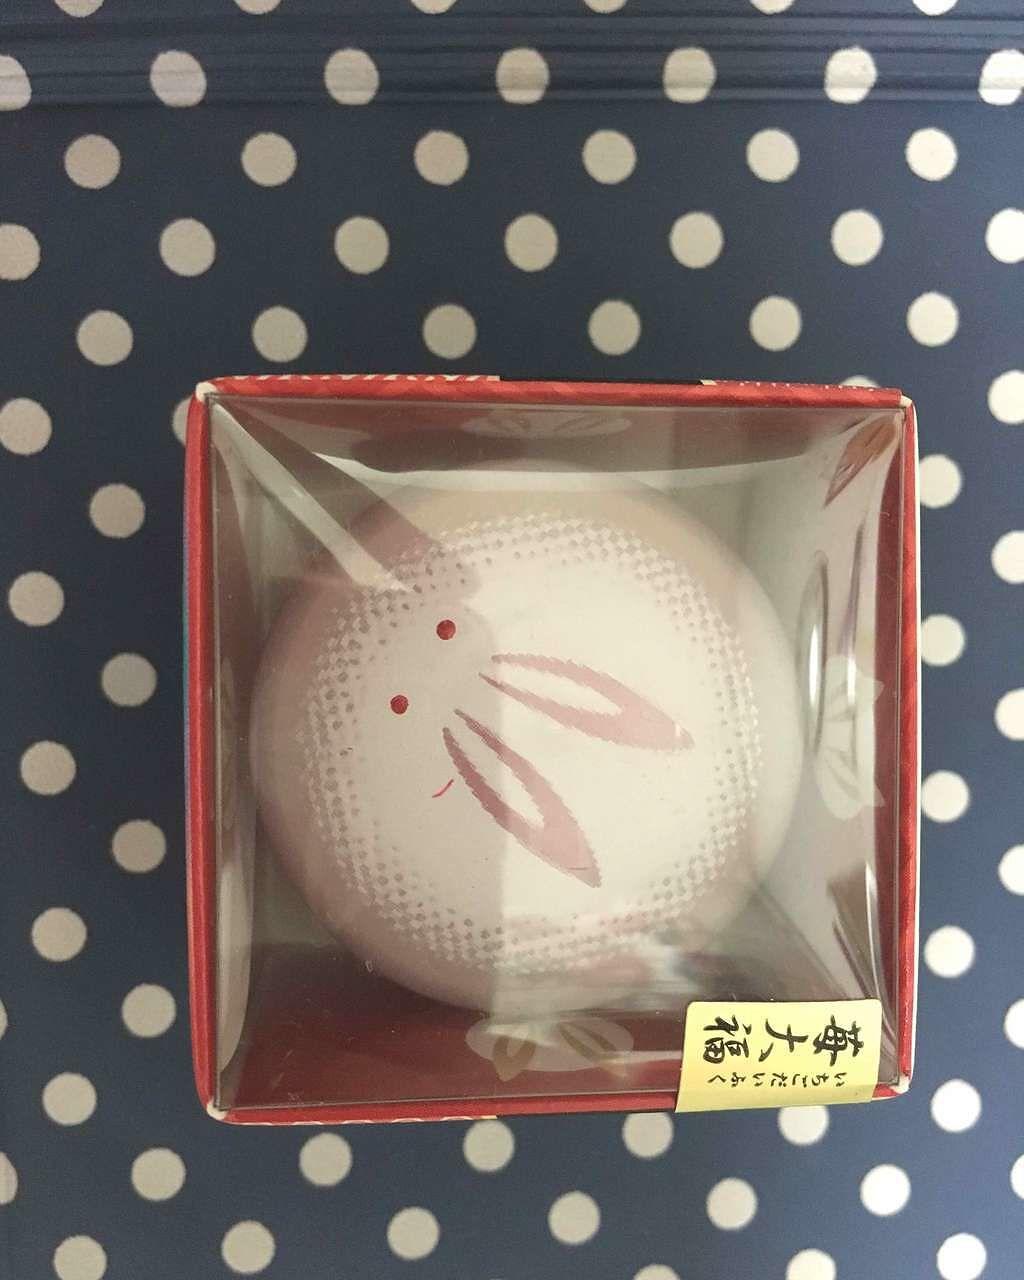 京都舞妓コスメ